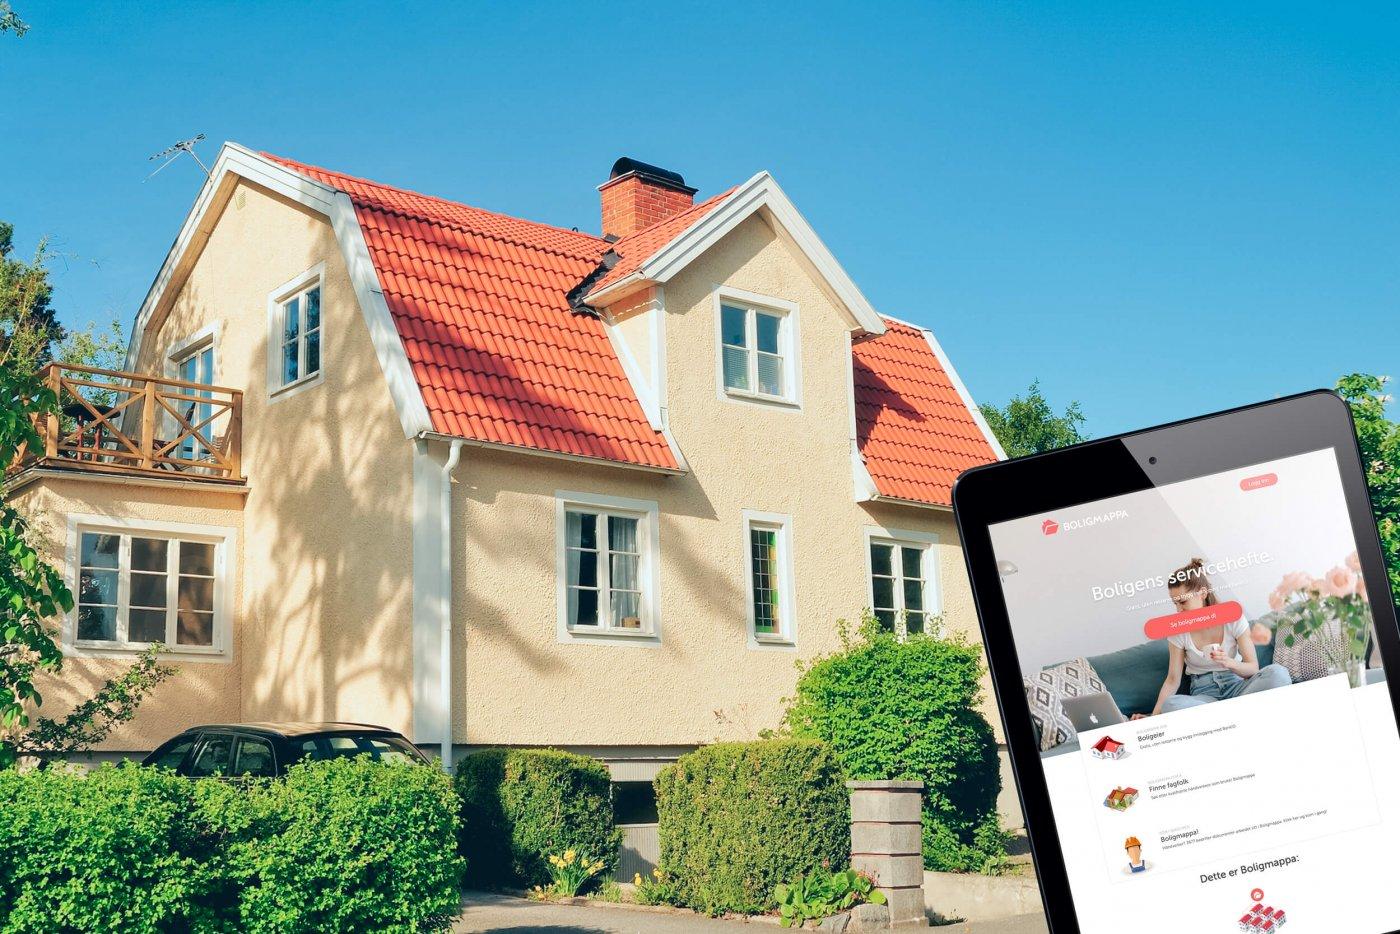 Bilde av norsk bolig med innfelt ipad på boligmappa.no